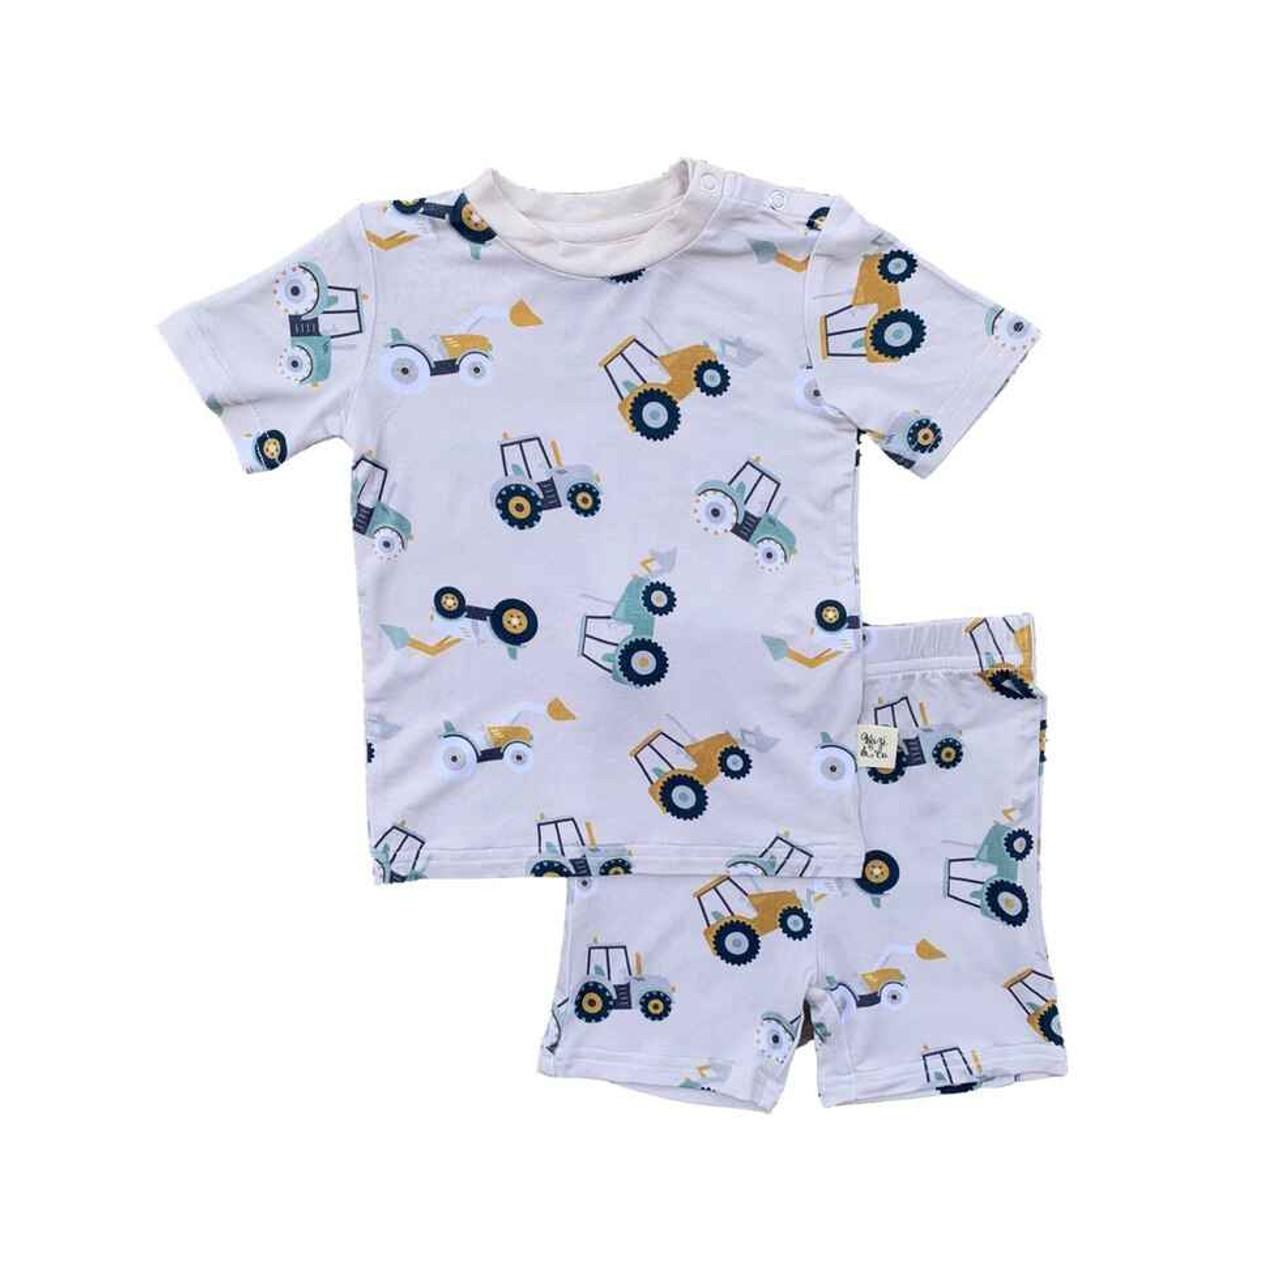 Kozi & Co. Boys Pajamas, Short Sleeve -Pajama Set Boys - Tractors, 18-24  Months | Baby Riddle